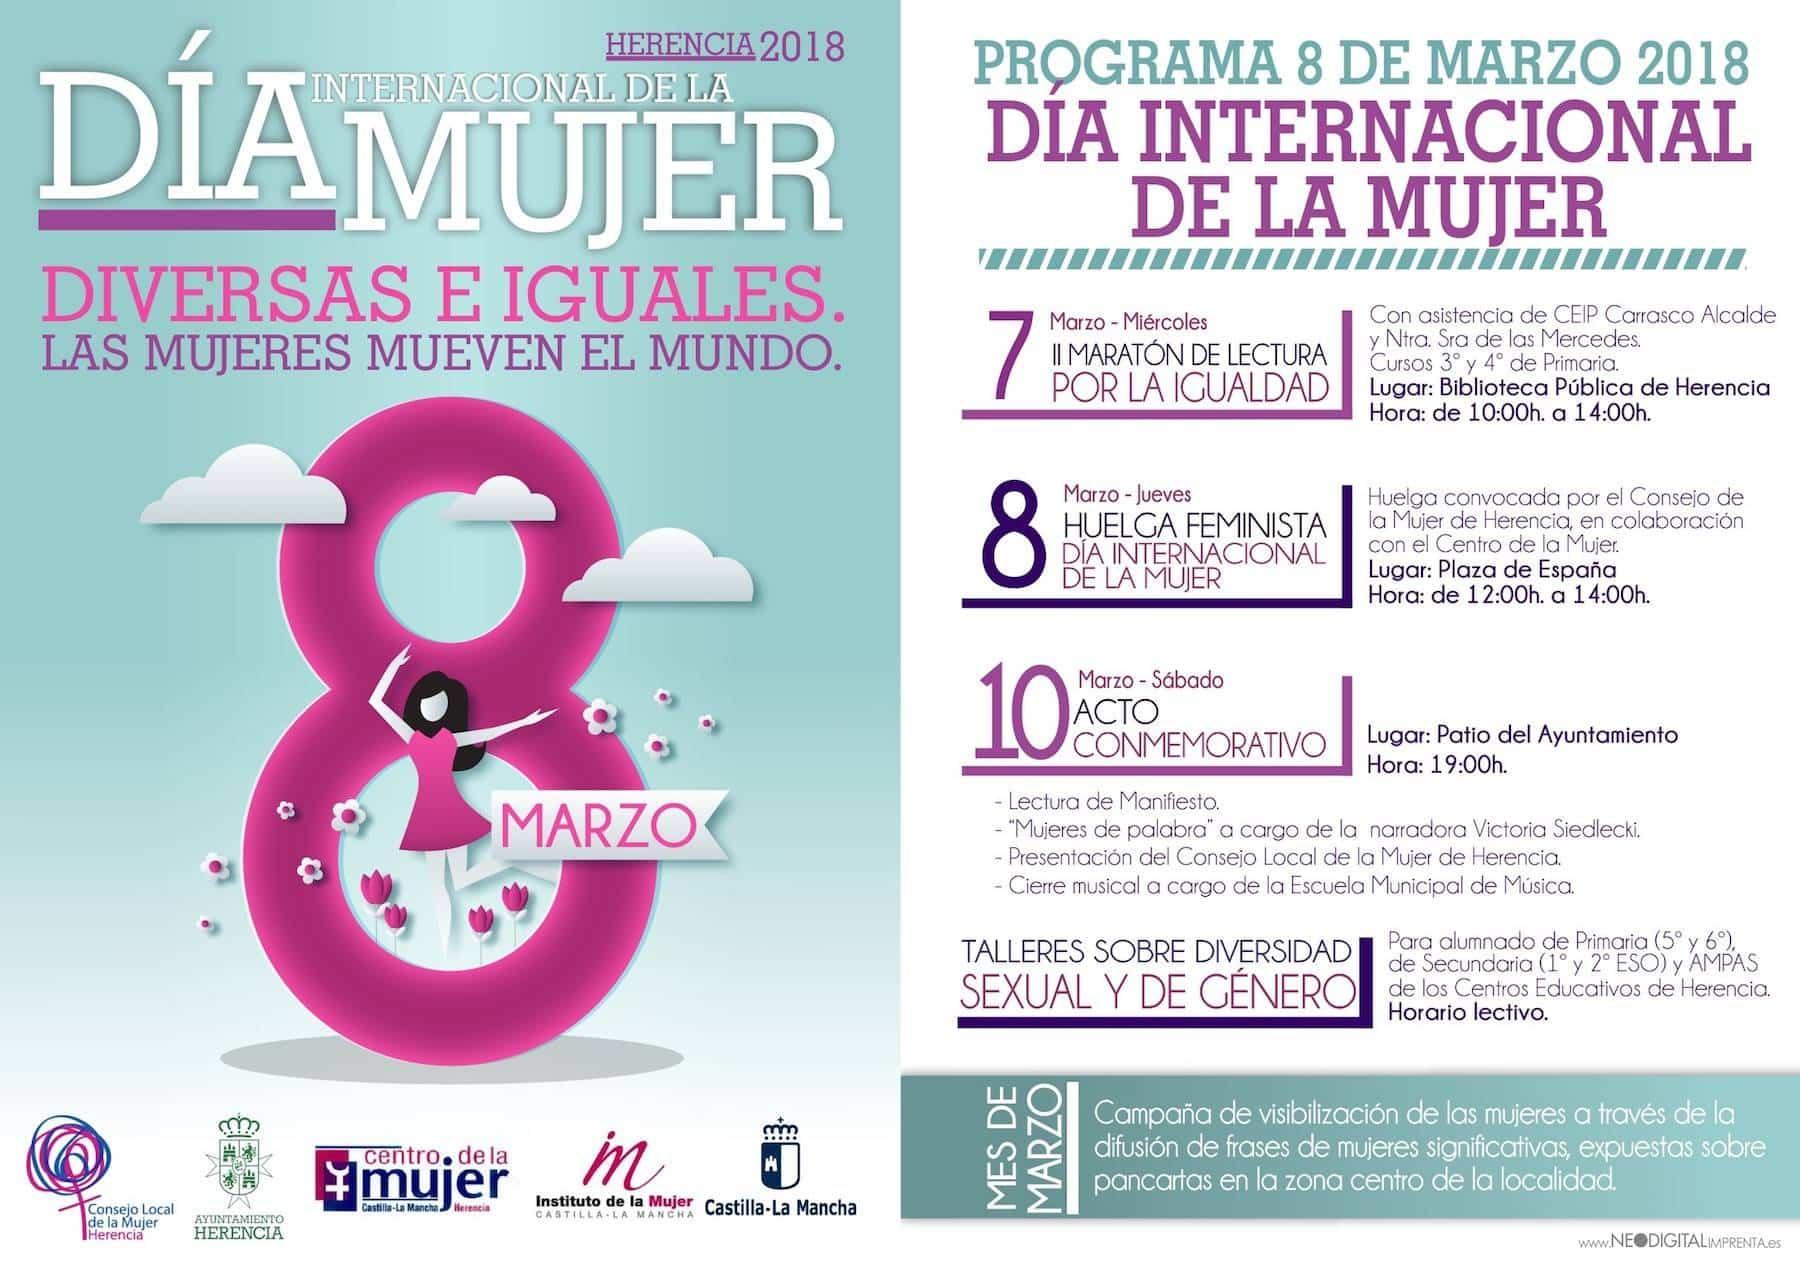 Programa de actos conmemorativos del Día Internacional de la Mujer 3